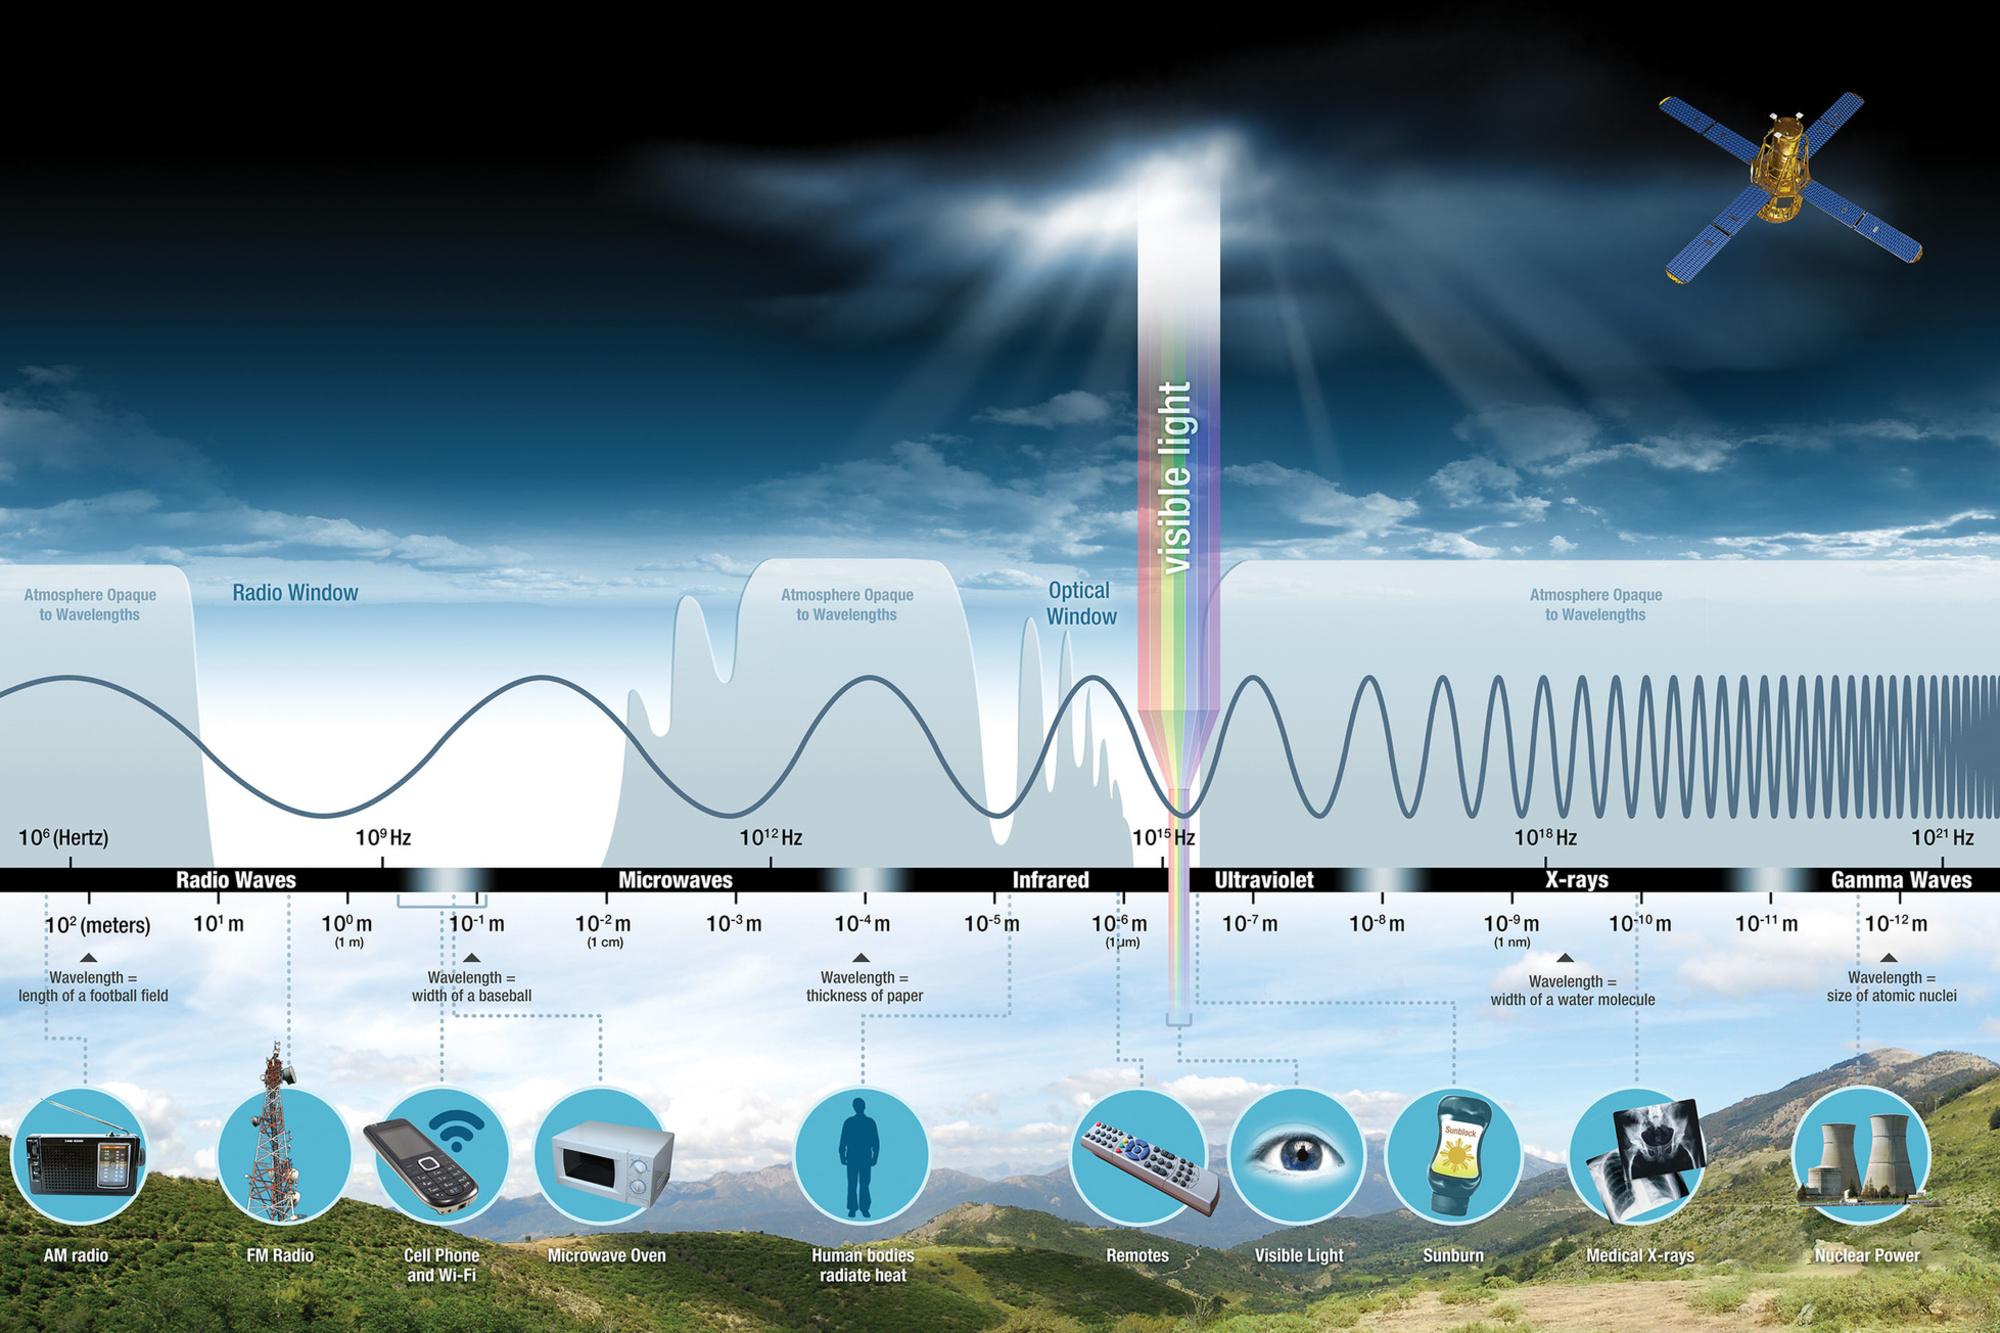 Elektromagnetisch spectrum van lage tot zeer hoge frequenties., NASA